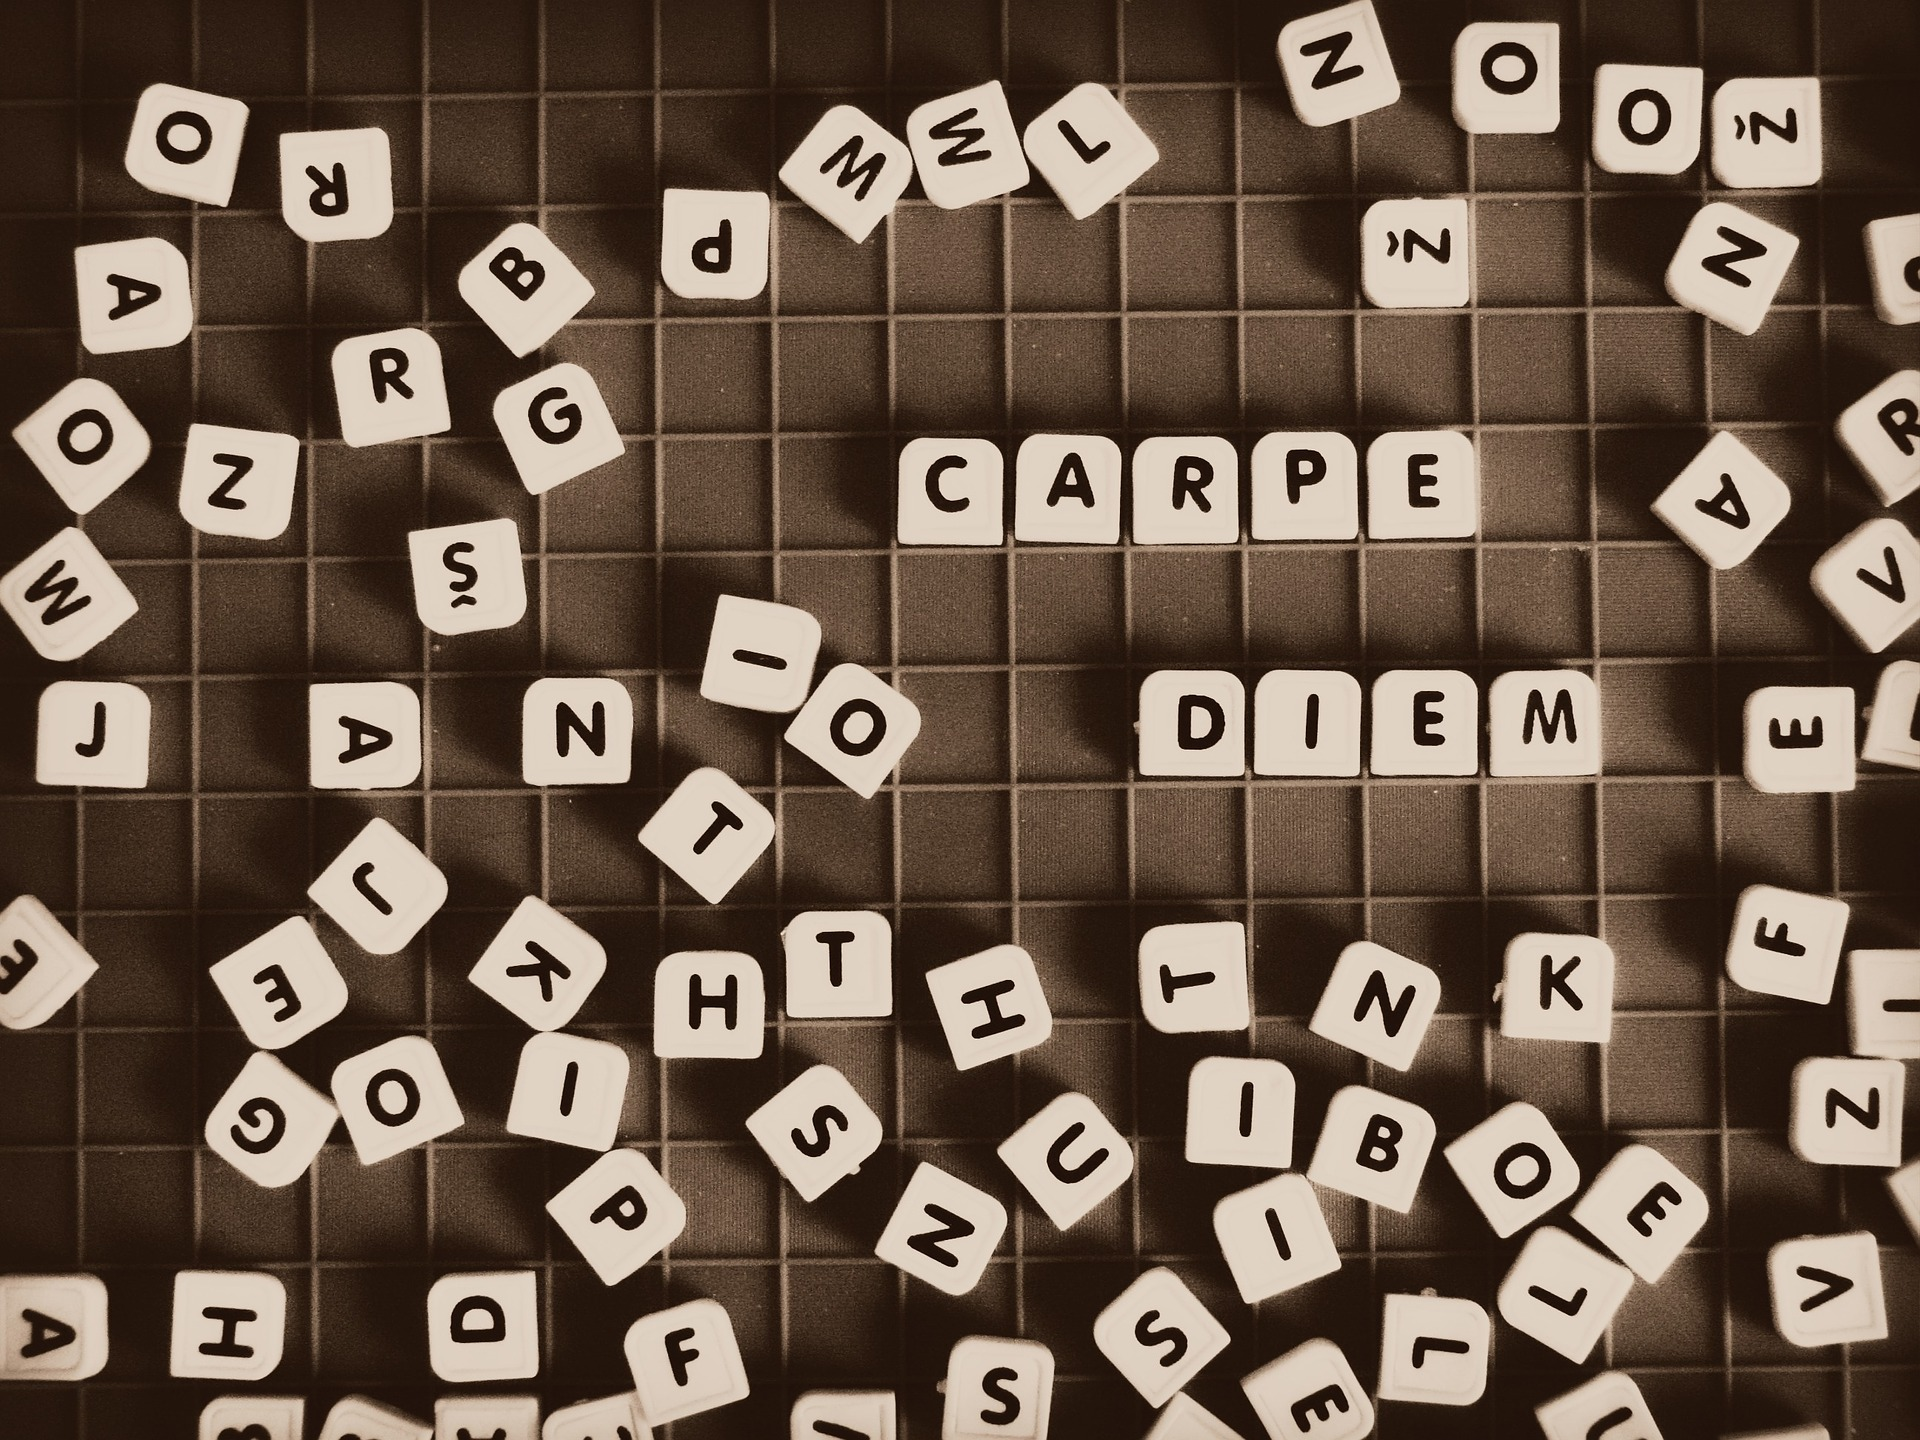 слова, игра, знакомства, тексты песен, жизнь - Обои HD - Профессор falken.com